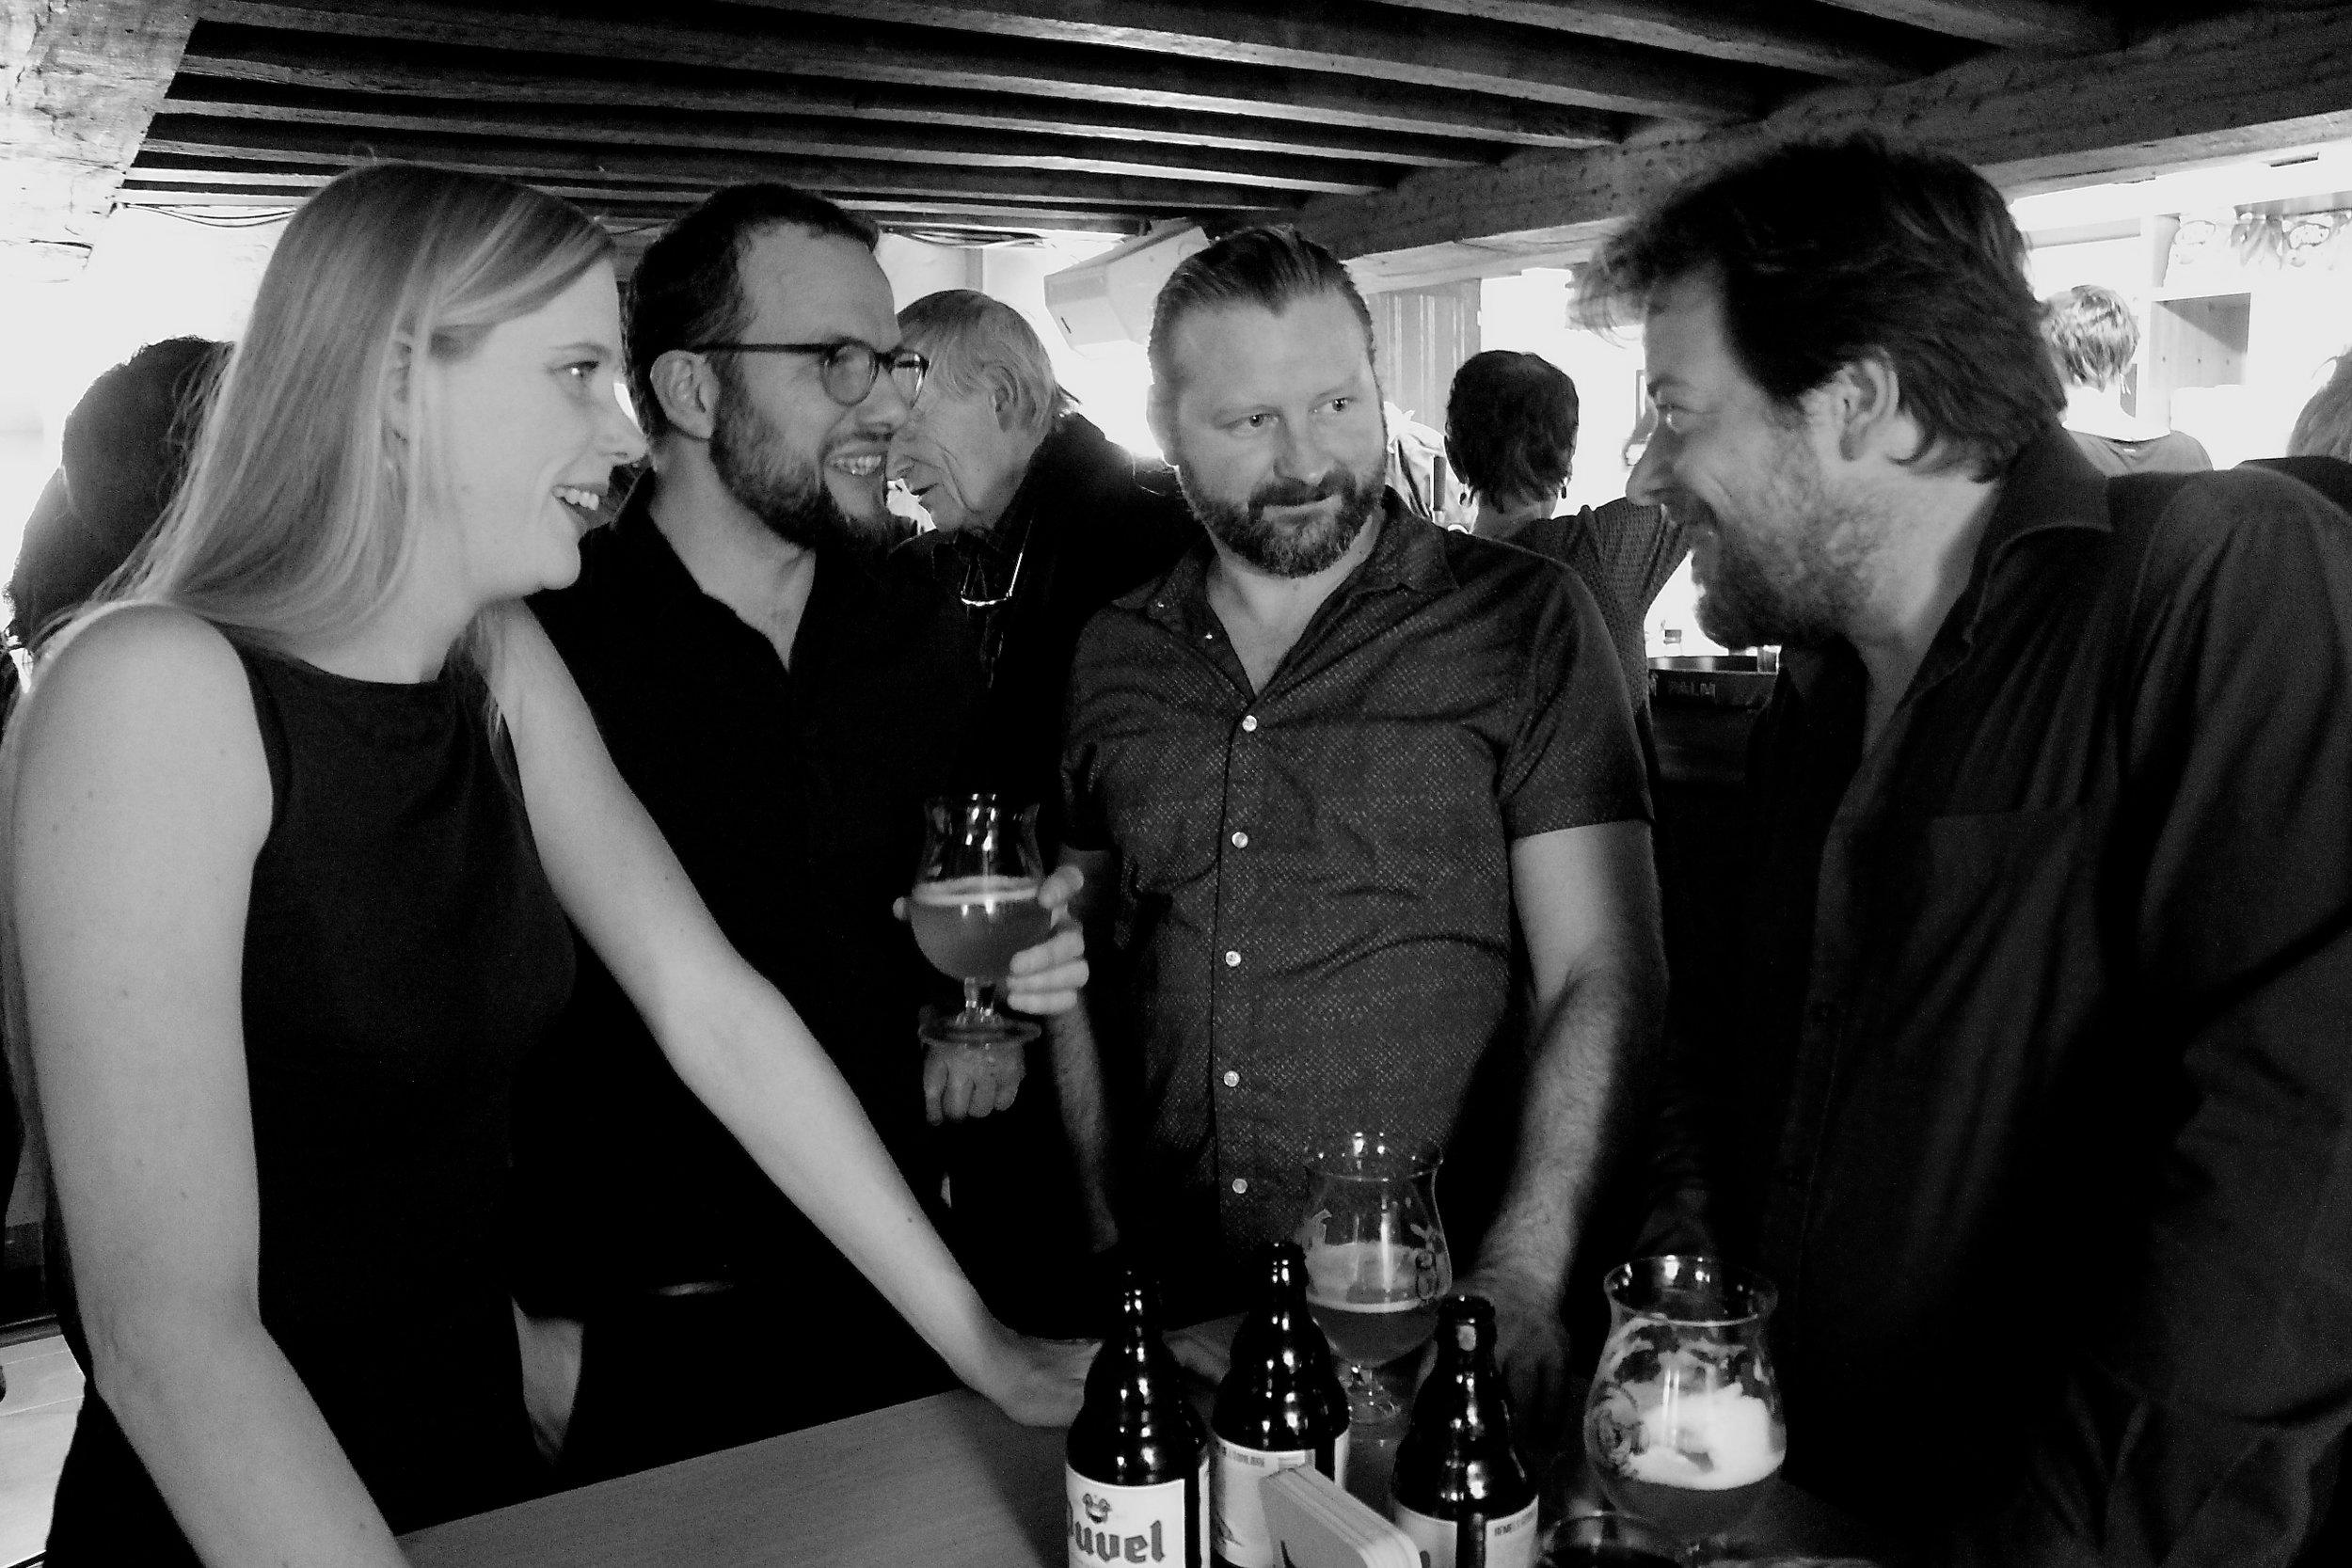 Liesleot De Wilde, Jean-Philippe Poncin, Lode Vercampt and Peter Verhelst